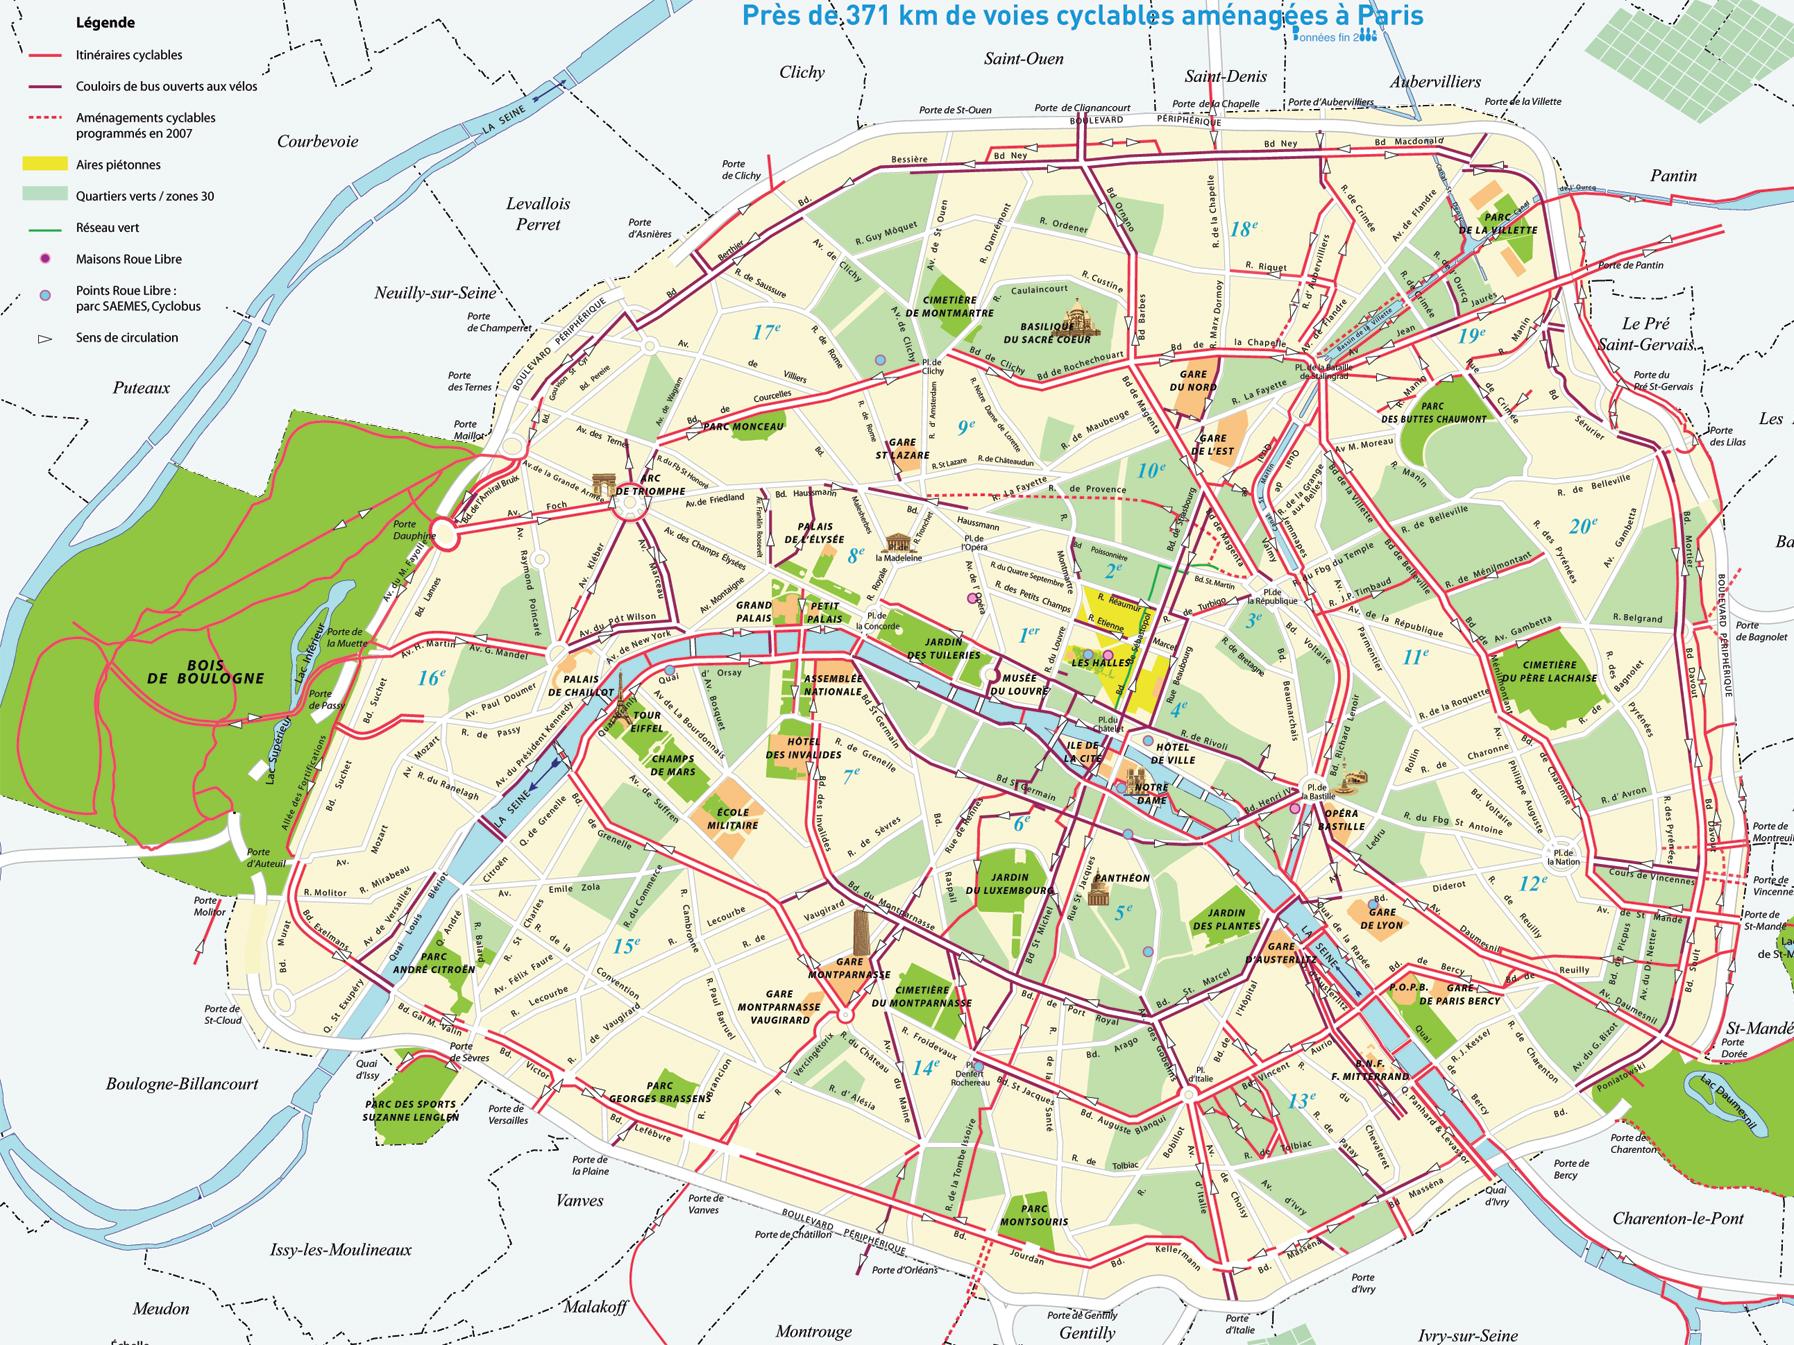 mapa paris centro Mapa do Centro de Paris | Roteiros e Dicas de Viagem mapa paris centro